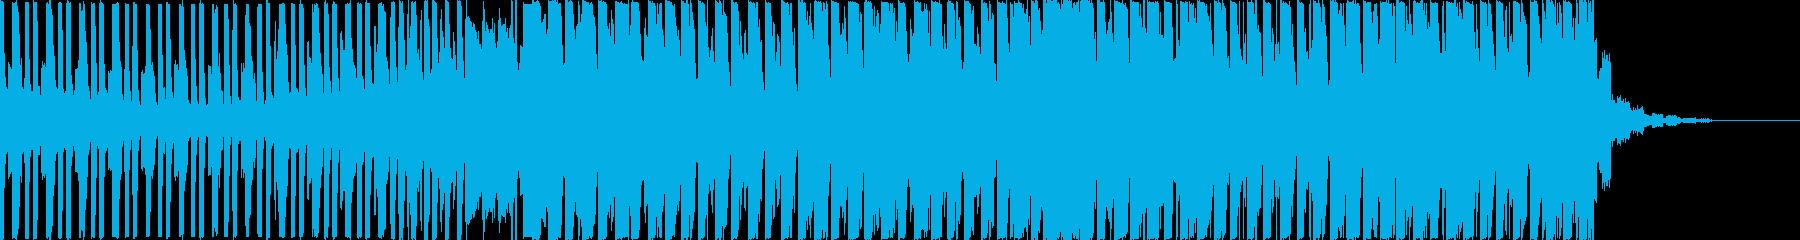 ダークで悪そうなEDMの再生済みの波形